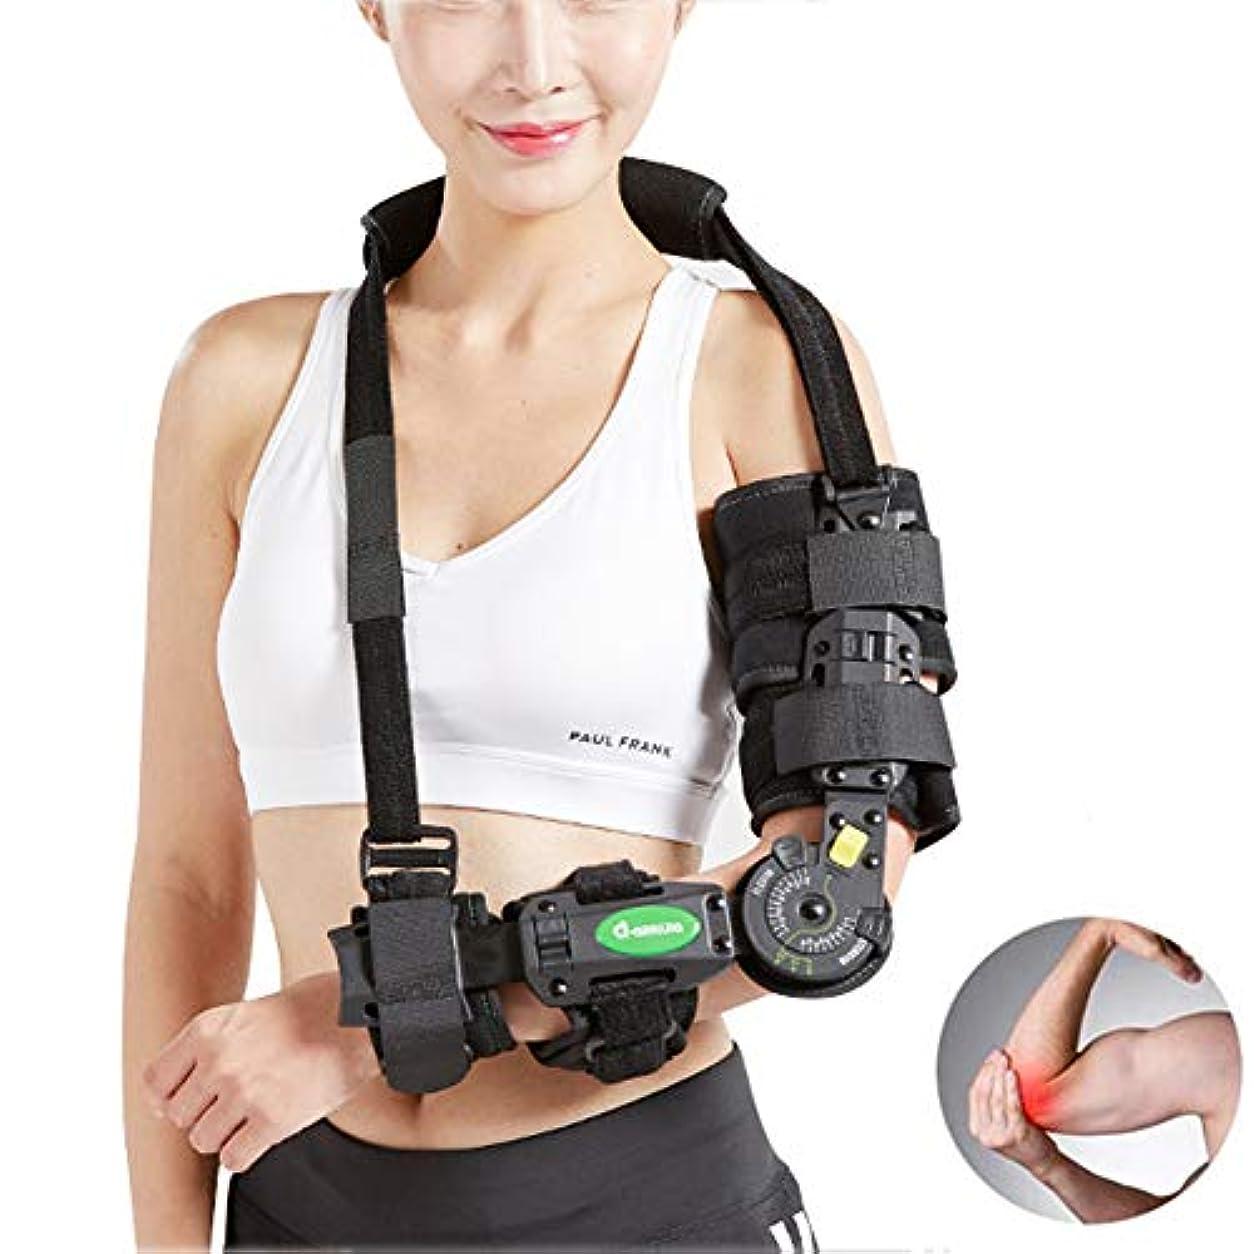 コックマイクロジョセフバンクス調整可能なアームスリングヒンジ付き肘ブレースサポート、術前?術後支援サポート&骨折した腕の上昇、外傷回復、腕固定ワンサイズ - ユニセックス